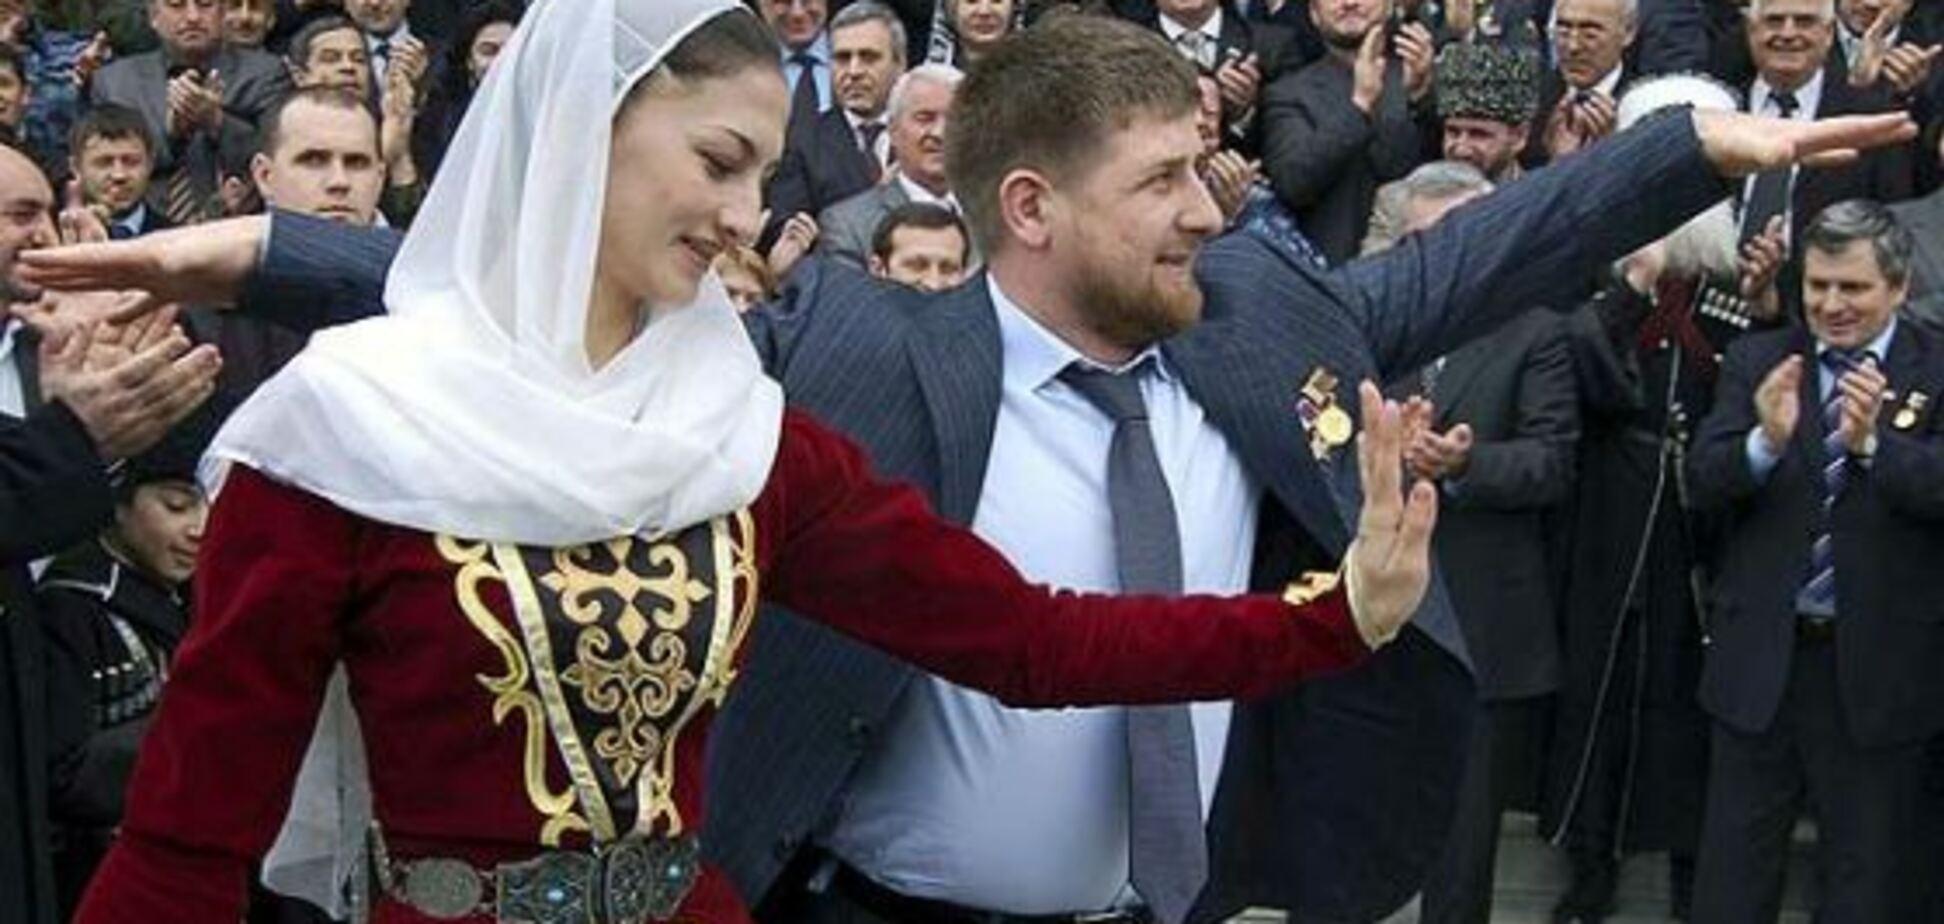 Разговор о чеченских проблемах может стоить жизни